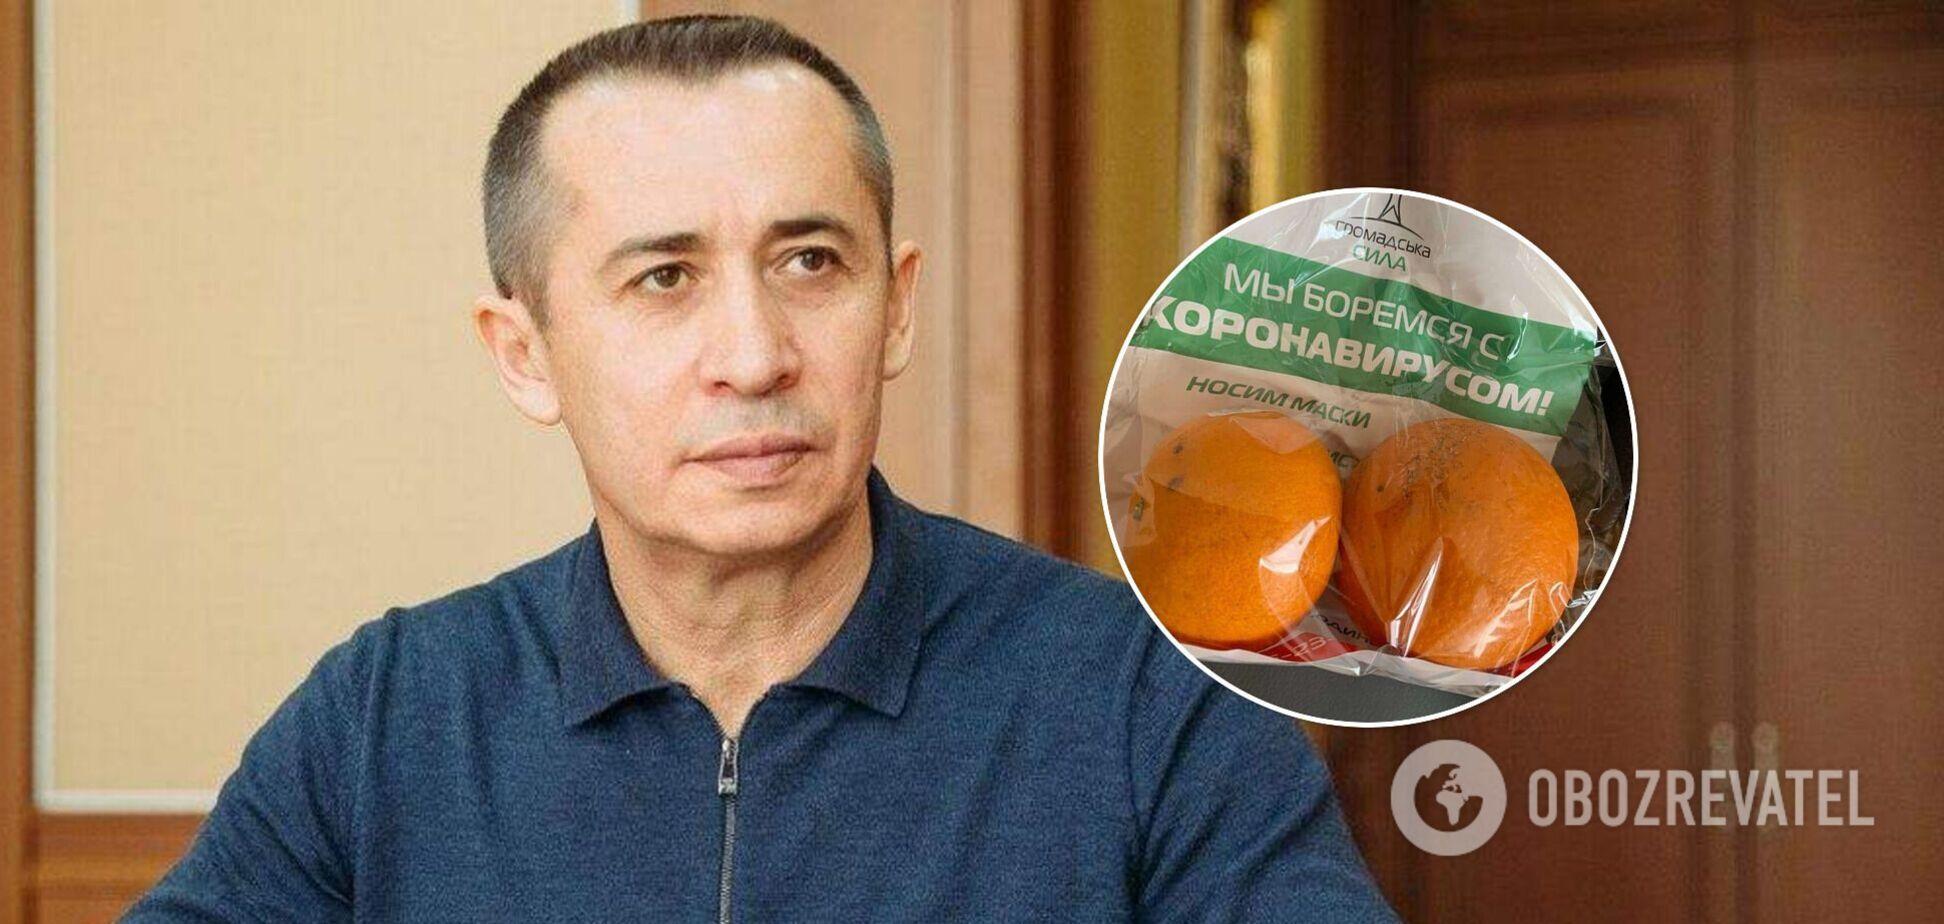 У Дніпрі від Загіда Краснова роздавали набори для 'боротьби з COVID-19' з гнилими апельсинами – ЗМІ